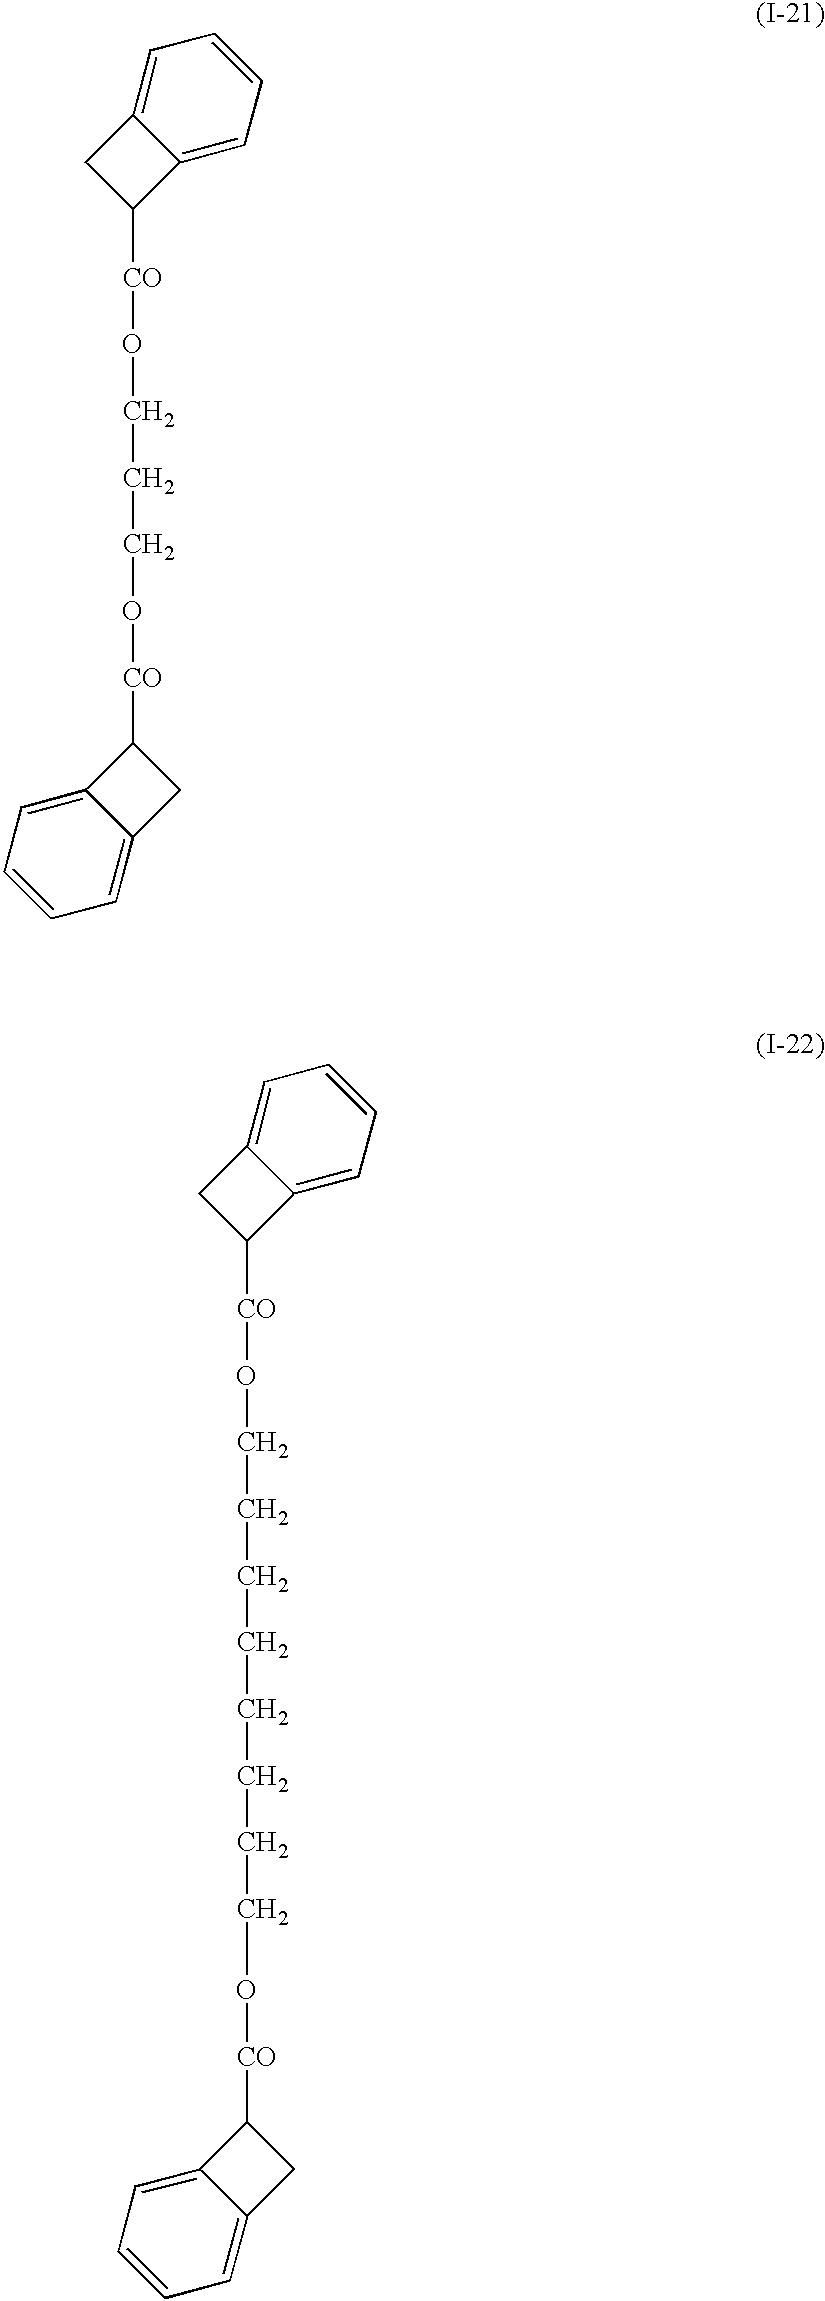 Figure US20030165778A1-20030904-C00016